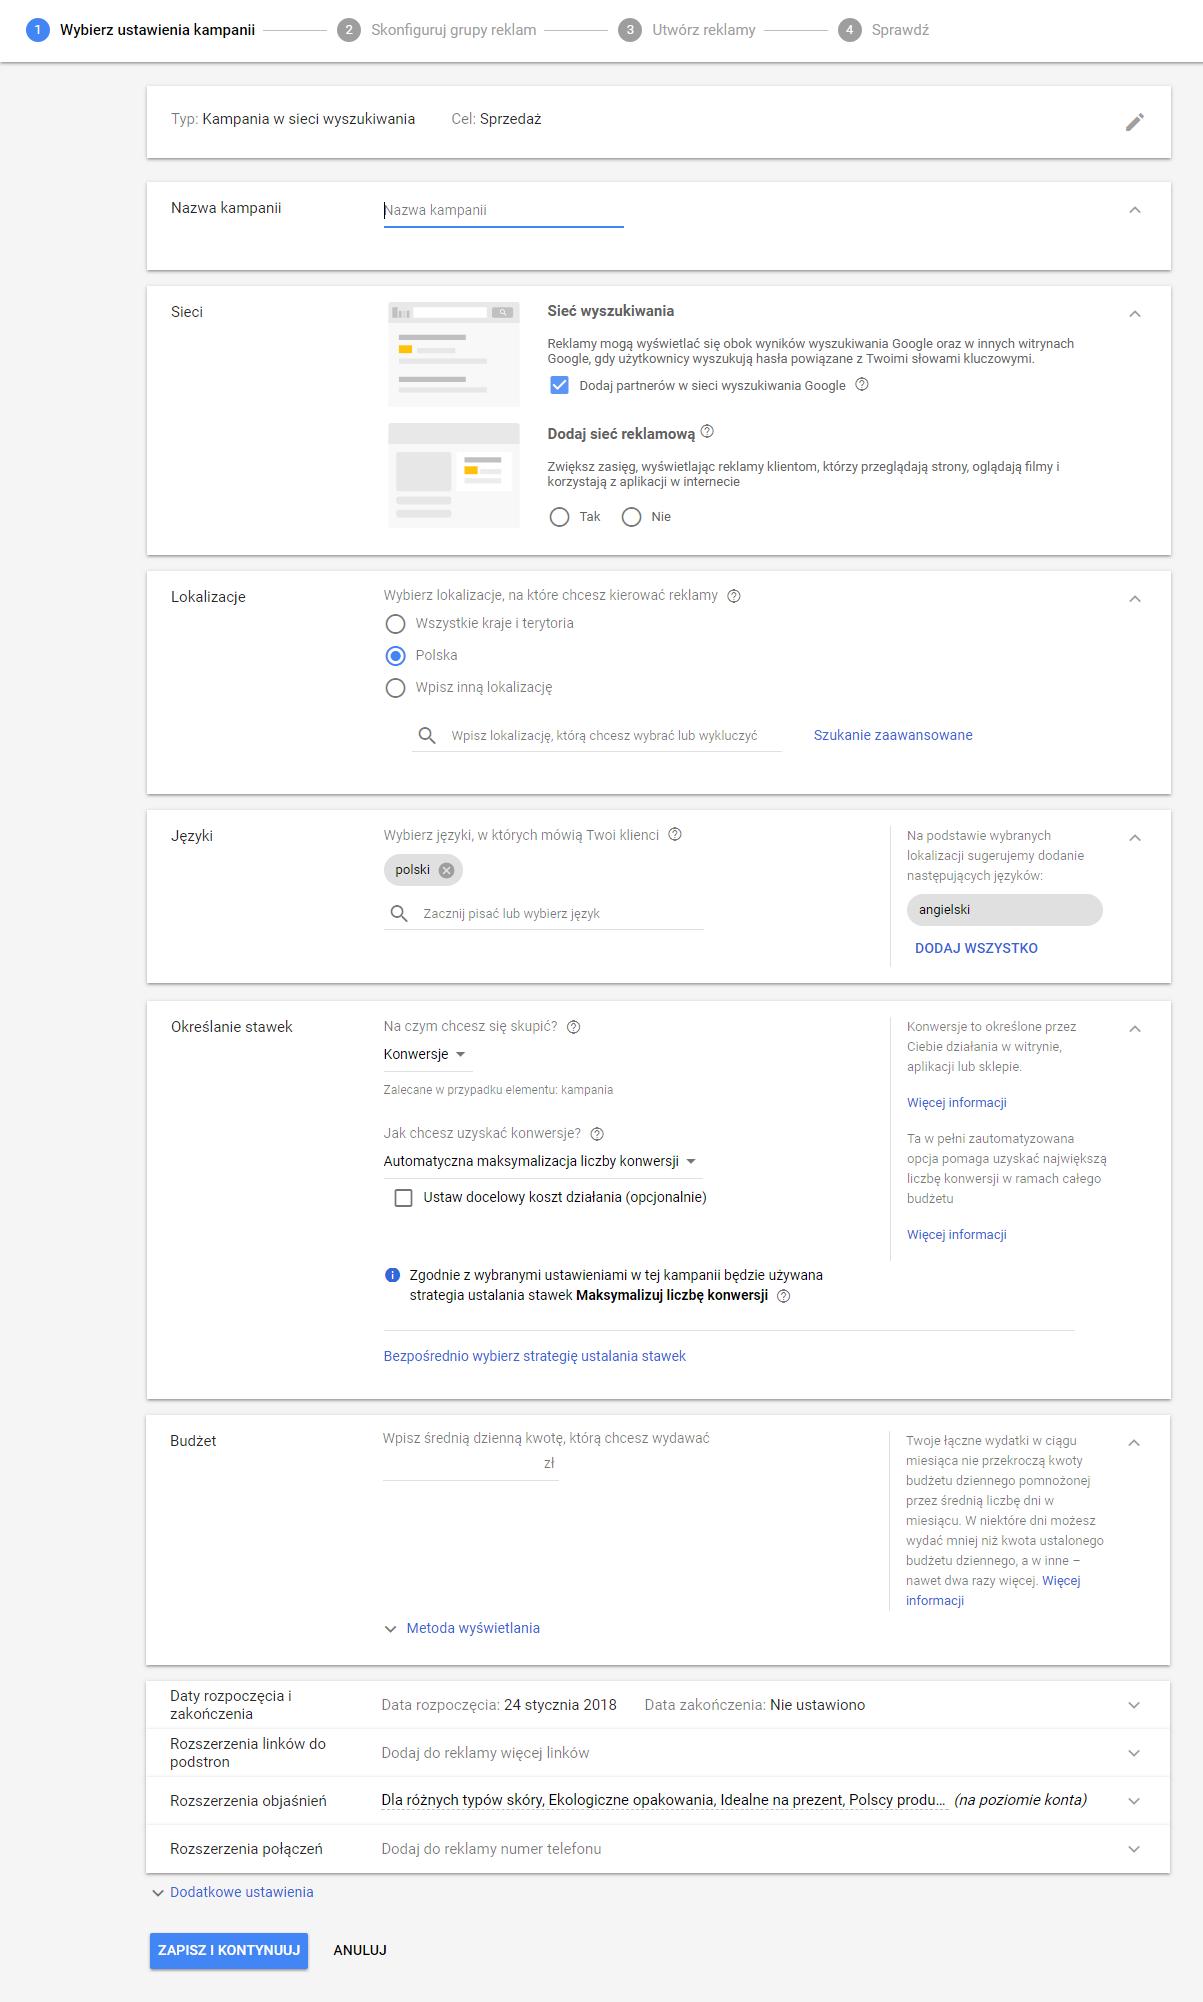 Ustawienia nowej kampanii Google AdWords